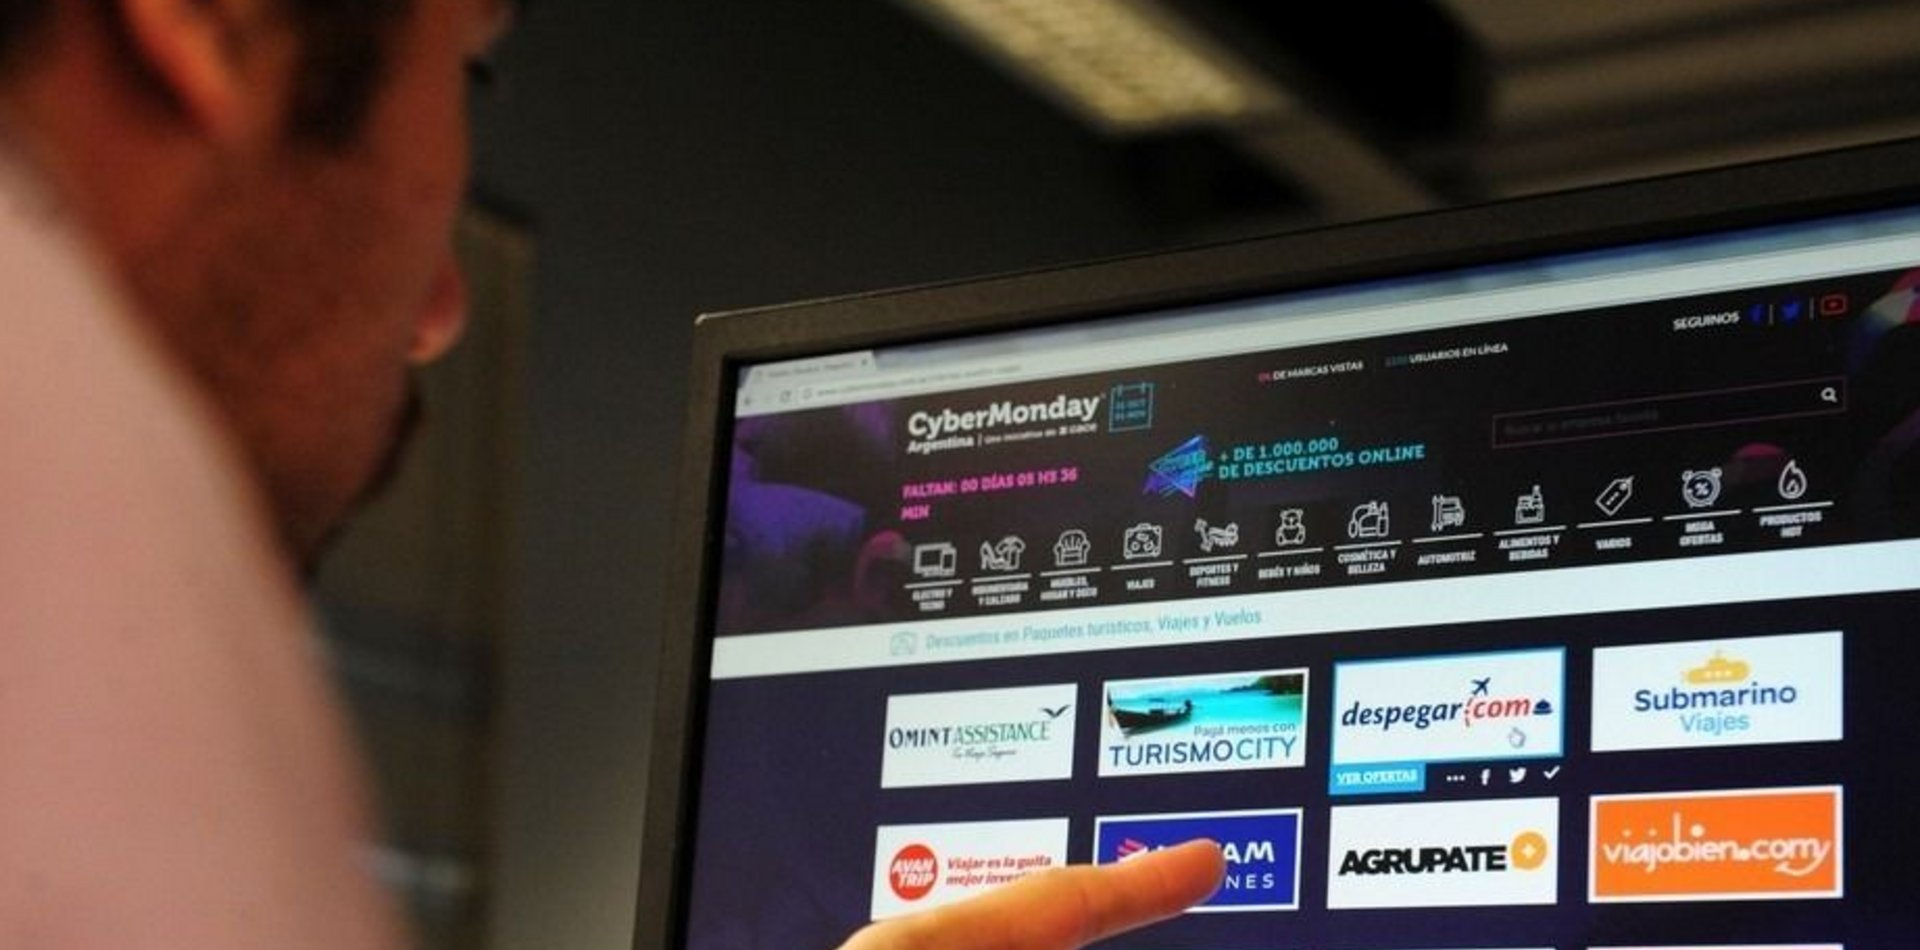 CyberMonday  ocho consejos para realizar una compra segura por Internet 9a114ca6c7